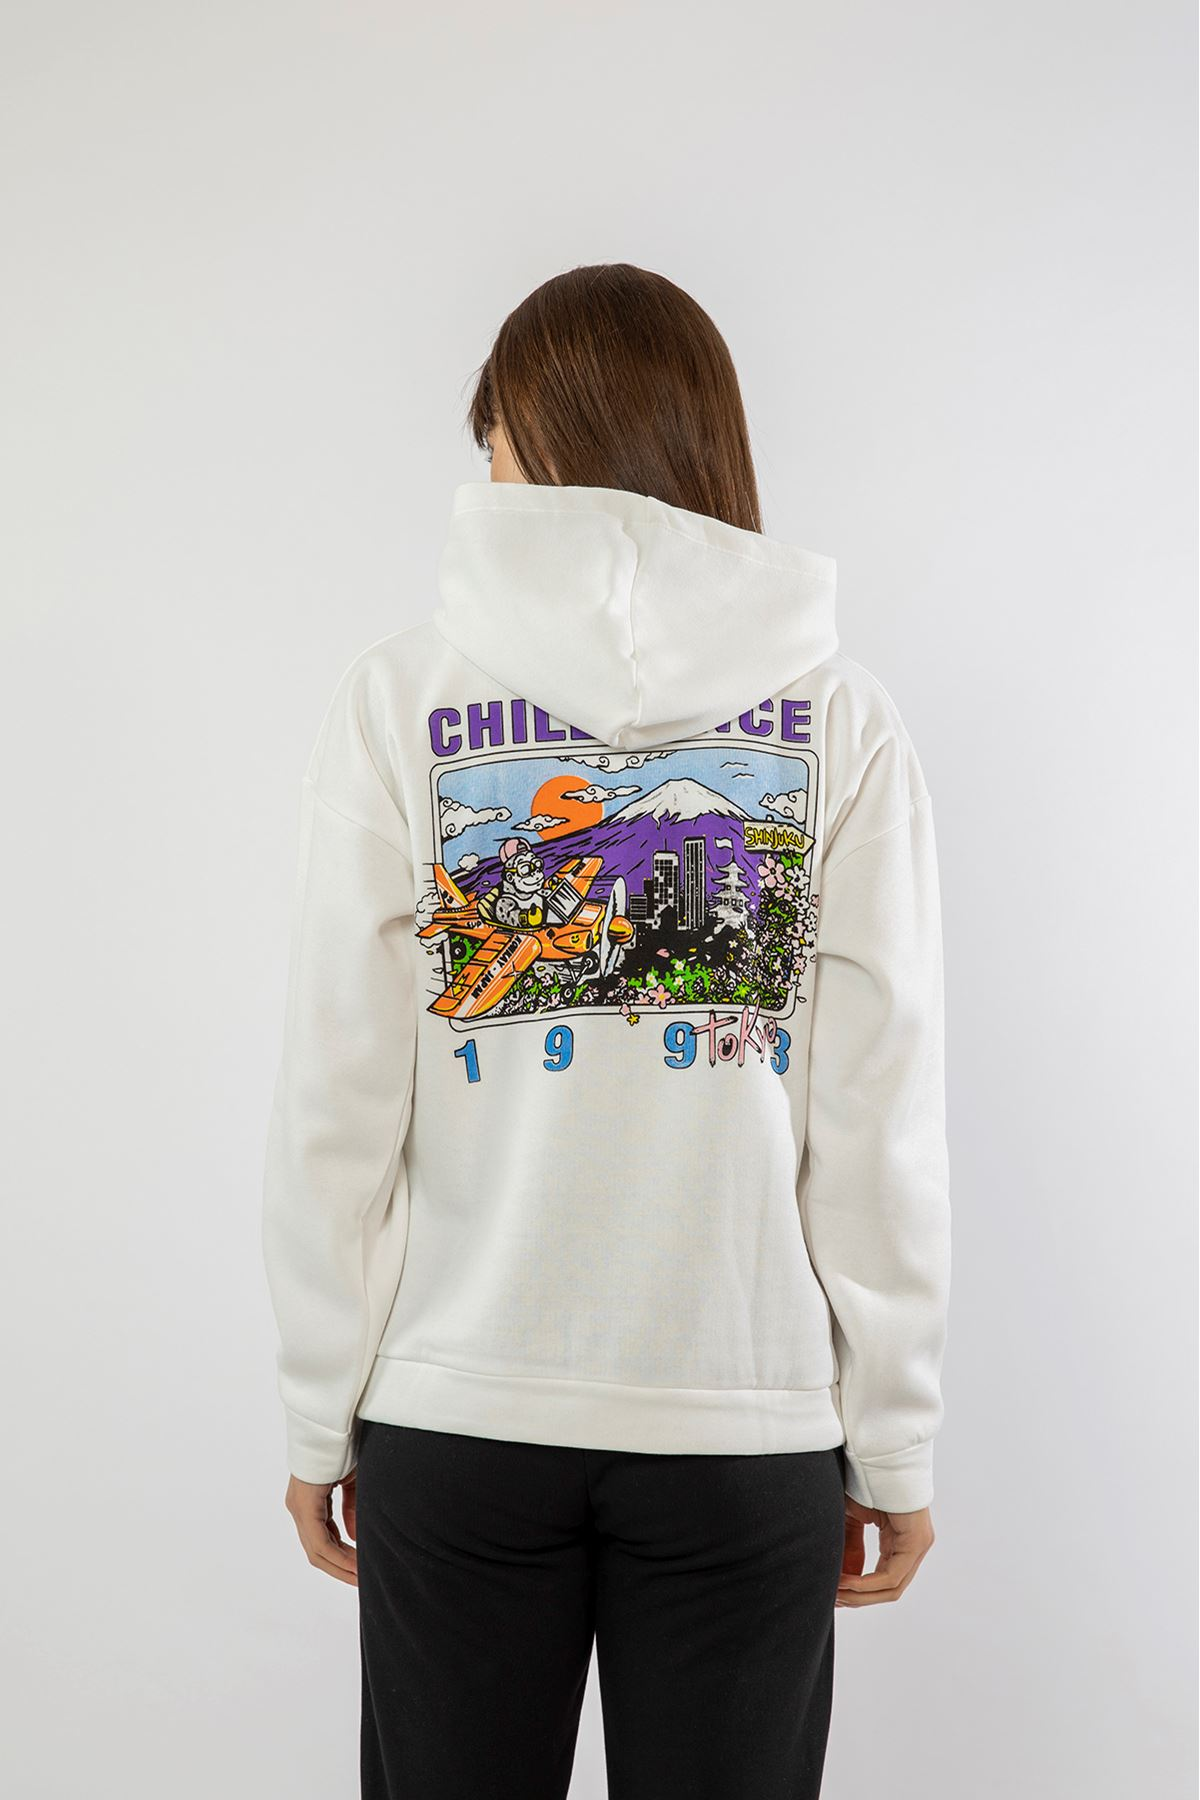 Chıll Sınce Baskılı Sweatshirt-Beyaz